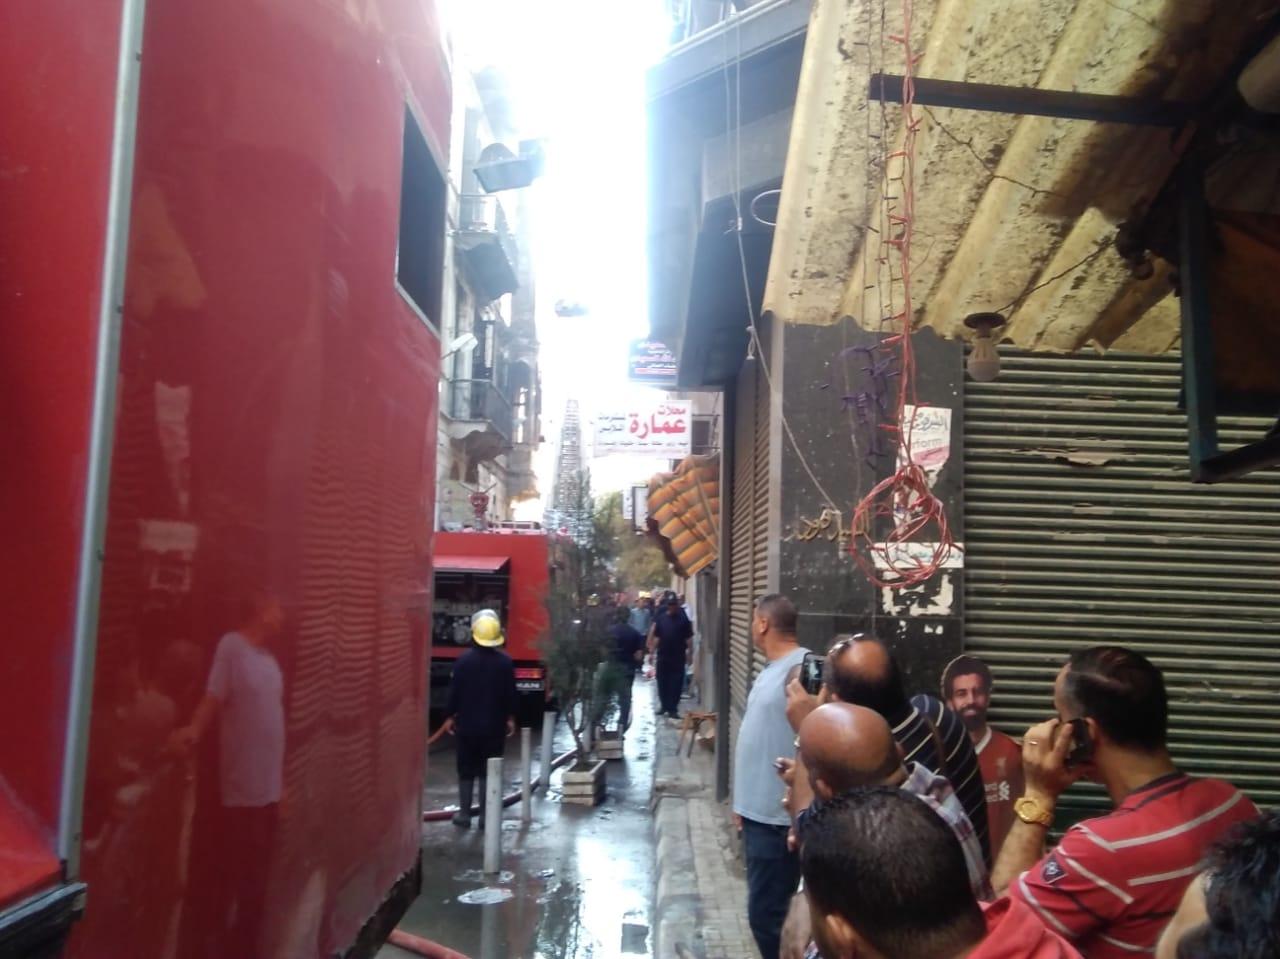 حريق مصنع أحذية فى الإسكندرية (1)